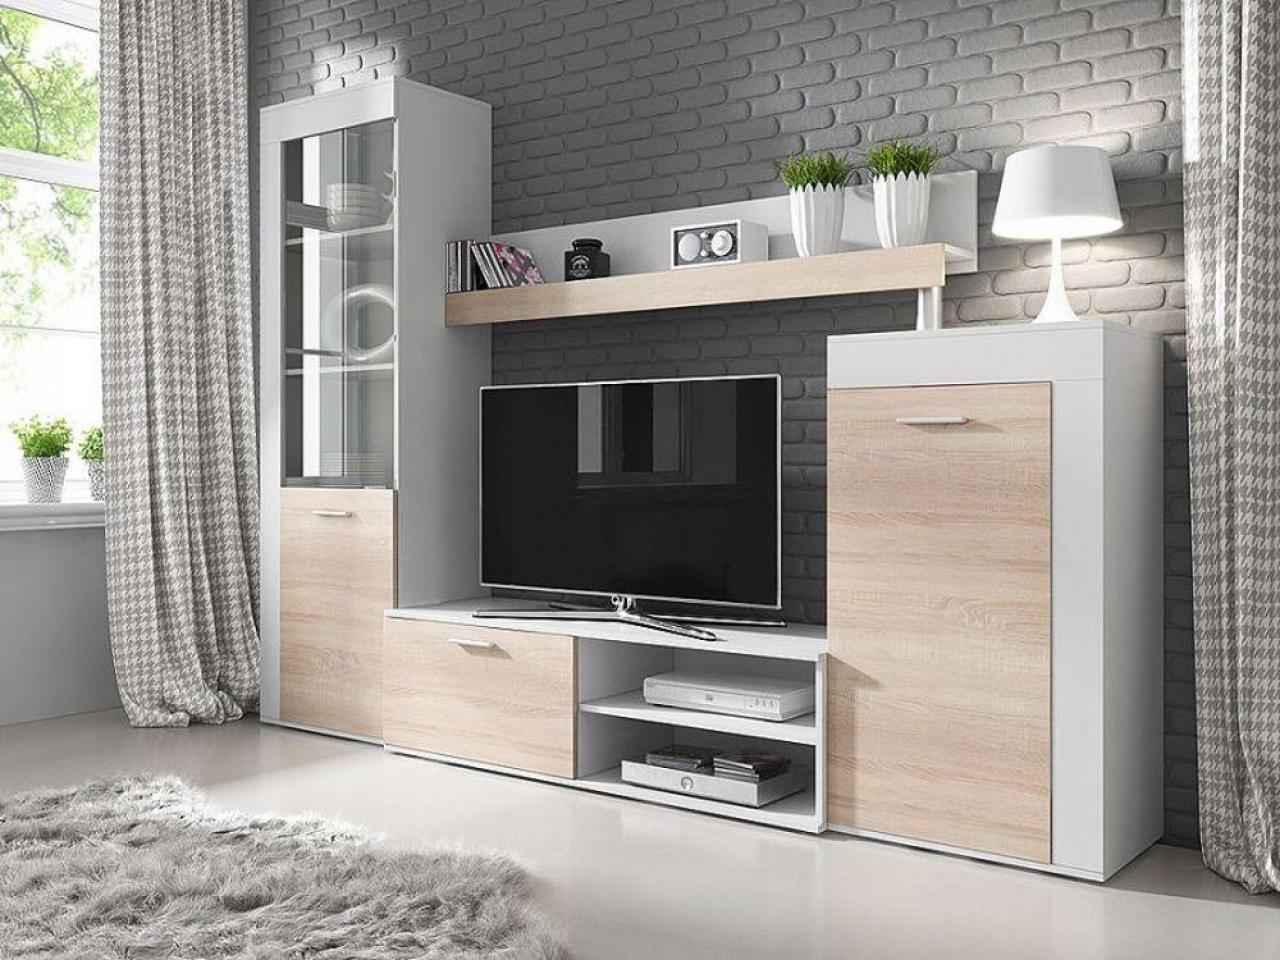 Furnipol - Польская мебельные стенки с доставкой до дверей! - 6